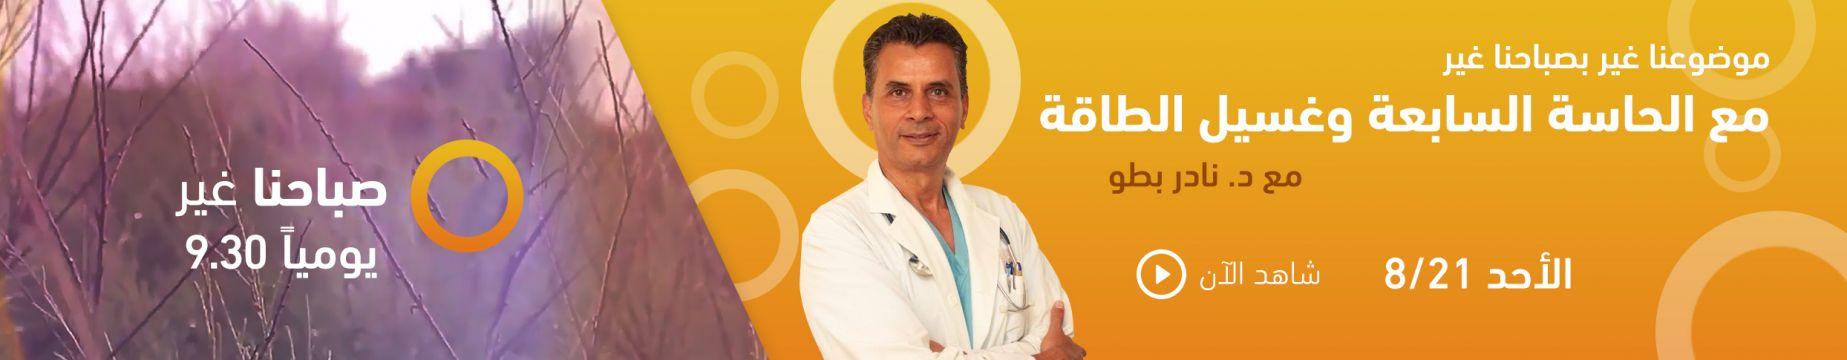 لحاسة السابعة وغسيل الطاقة  مع د. نادر بطو